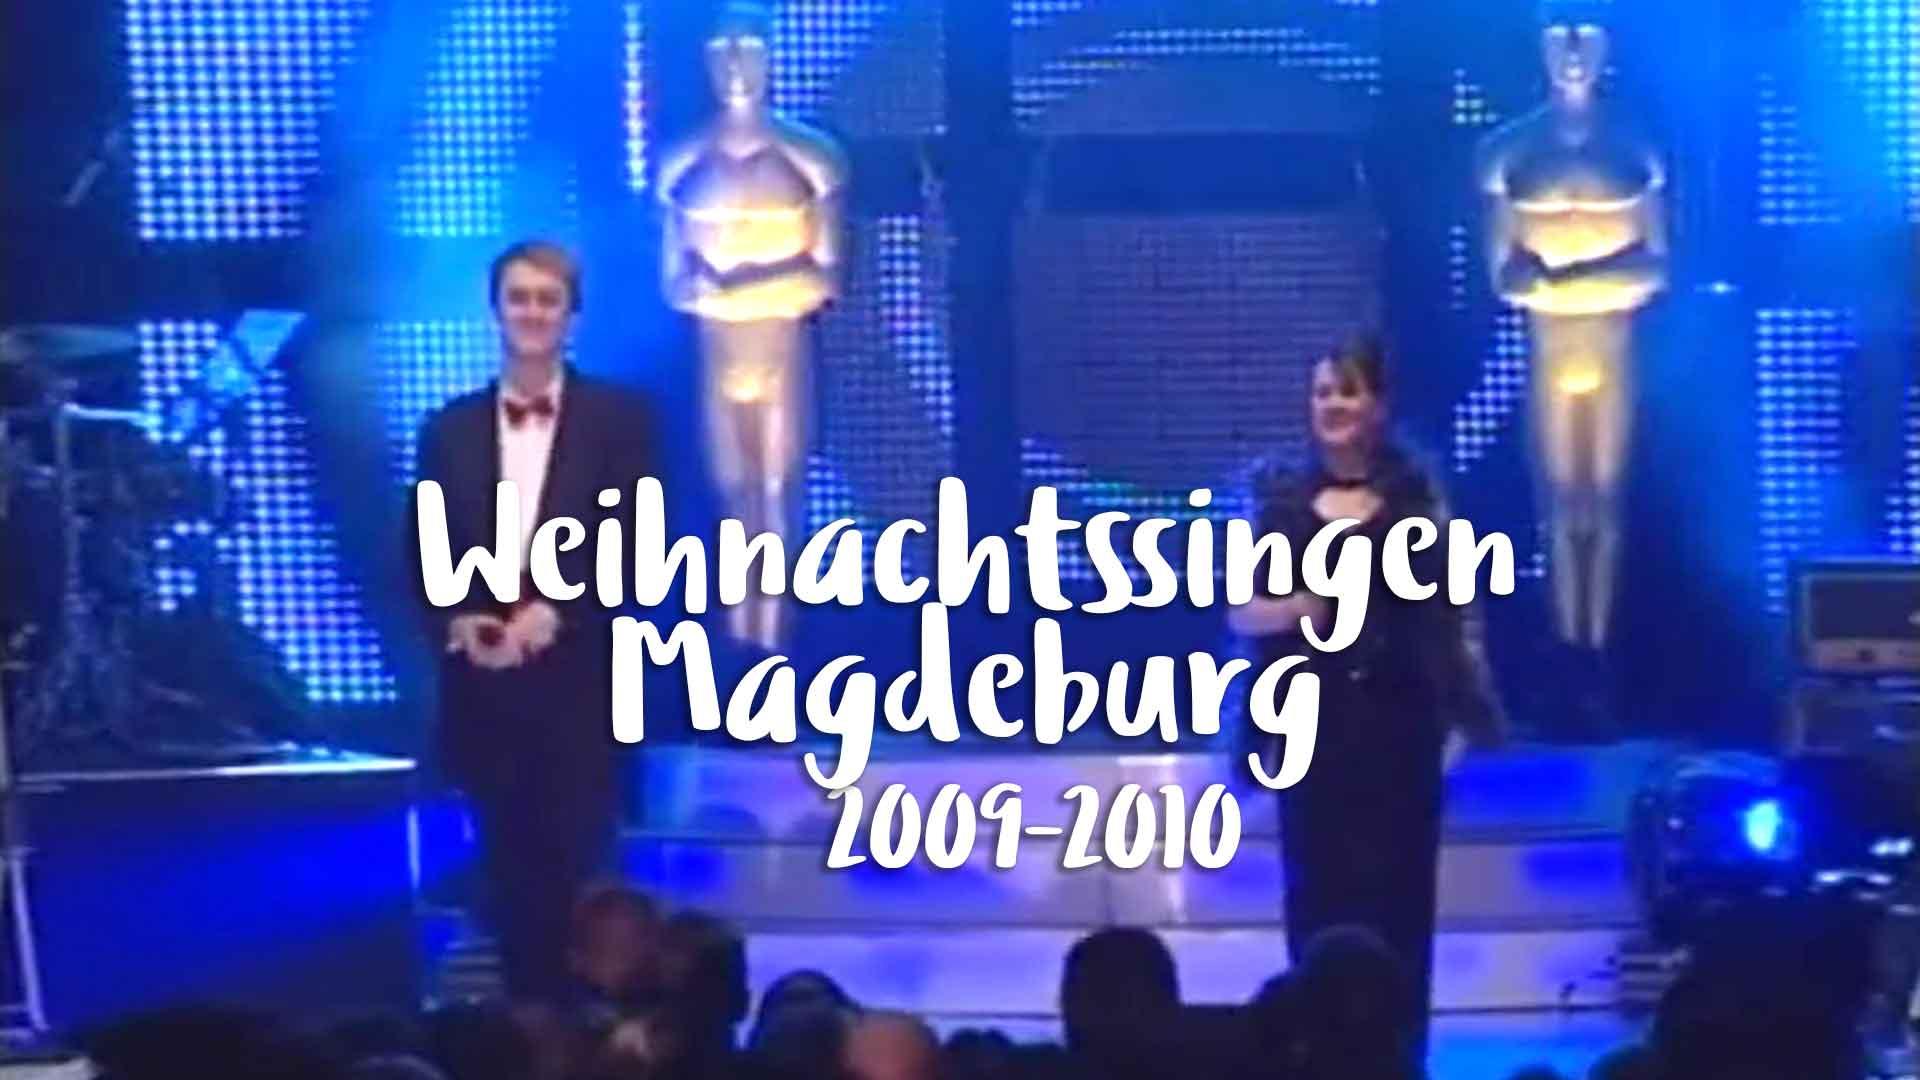 Weihnachtssingen Magdeburg (2009 - 2010)